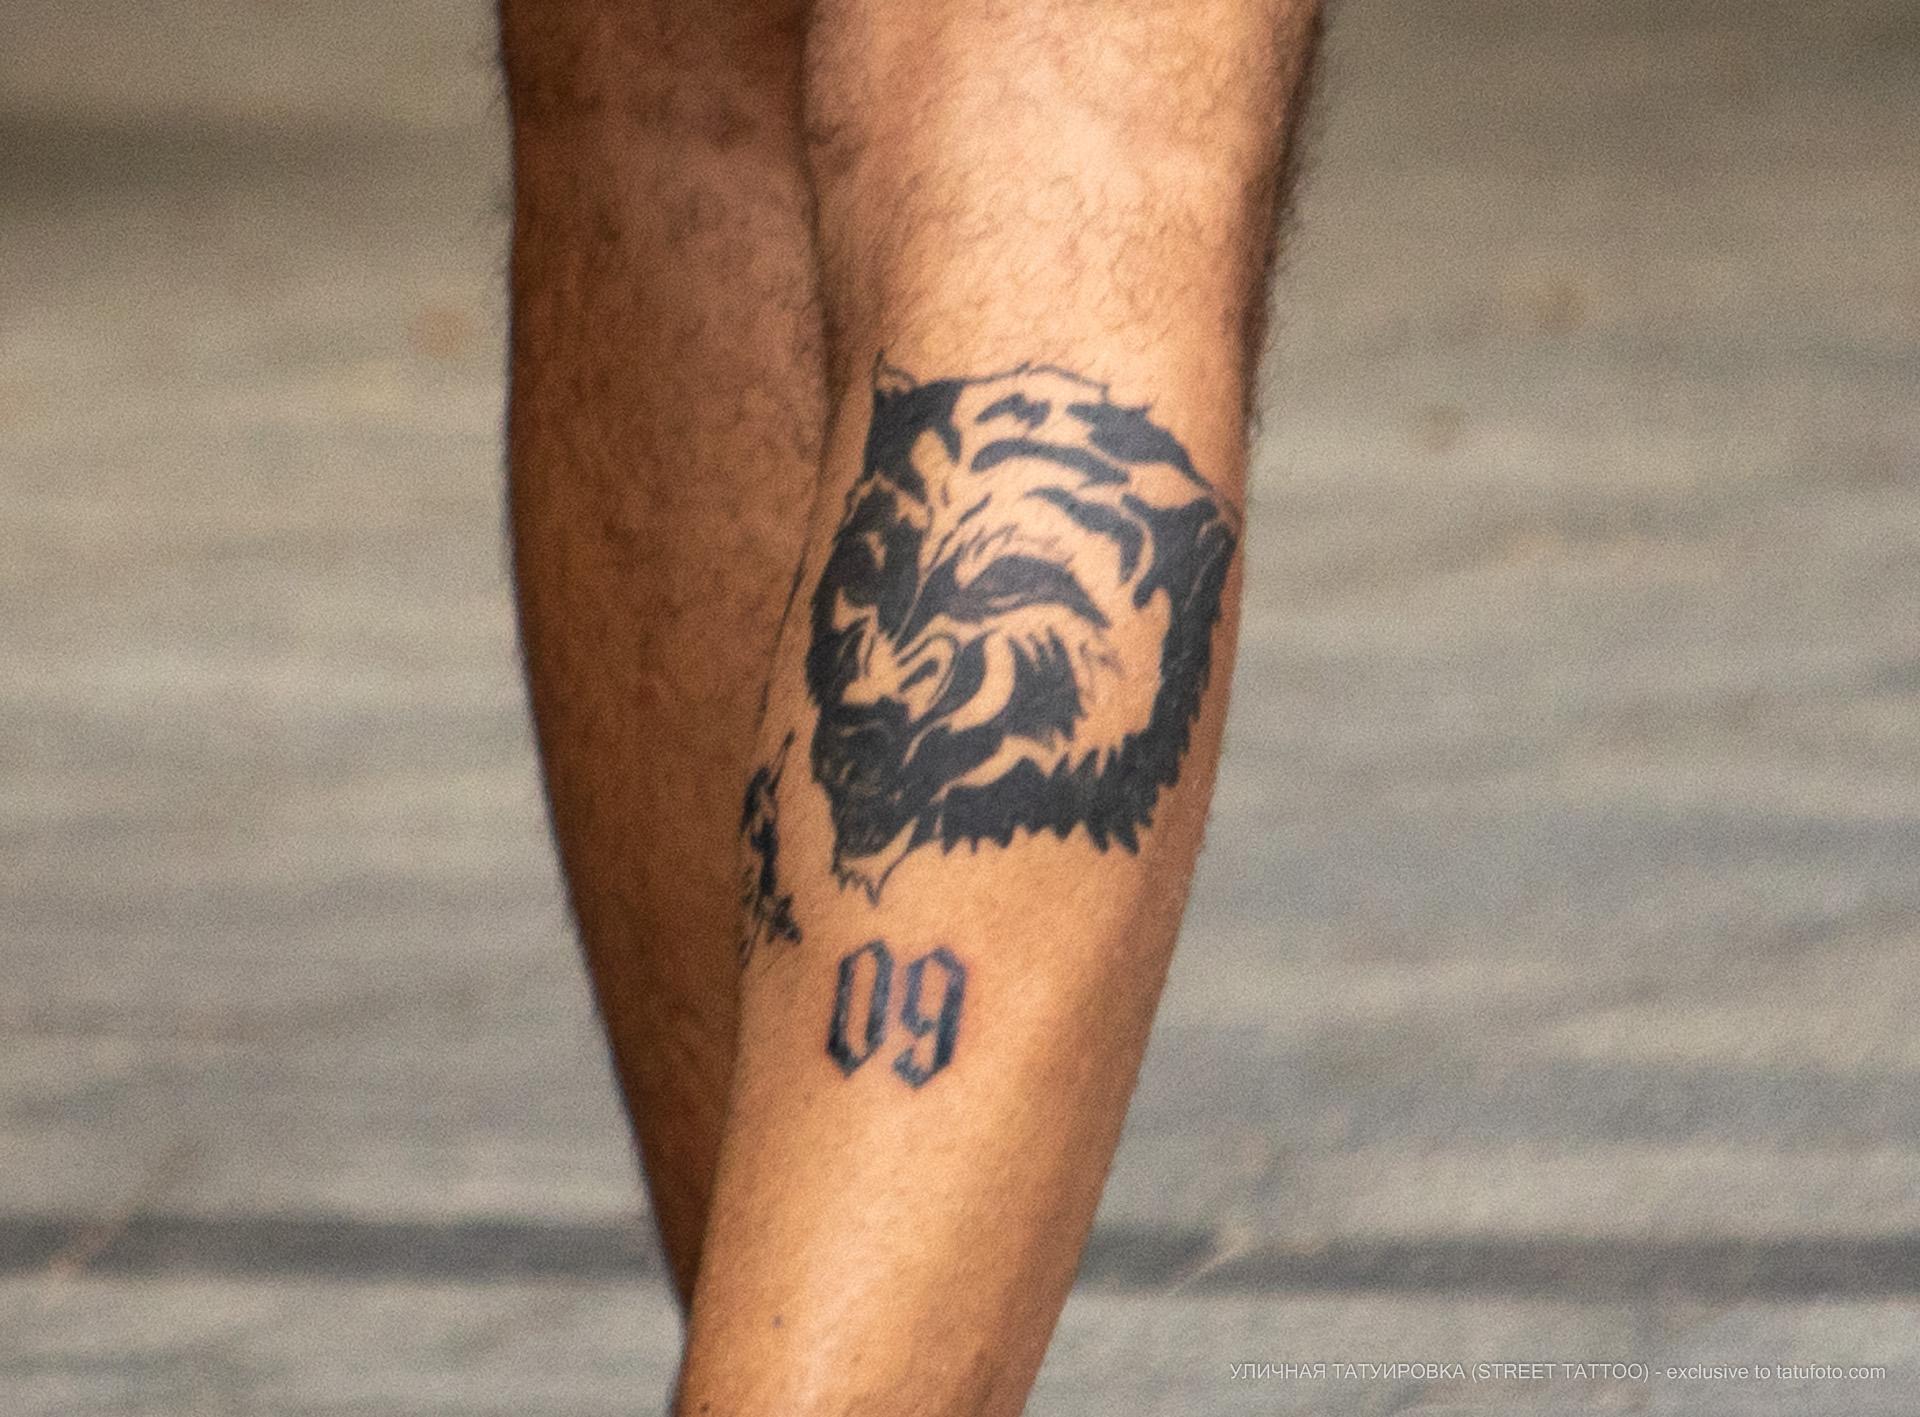 Фото неудачной тату с волком и цифрой 09 на ноге парня - Уличная татуировка (street tattoo) № 06 – 18.06.2020 – tatufoto.com 3